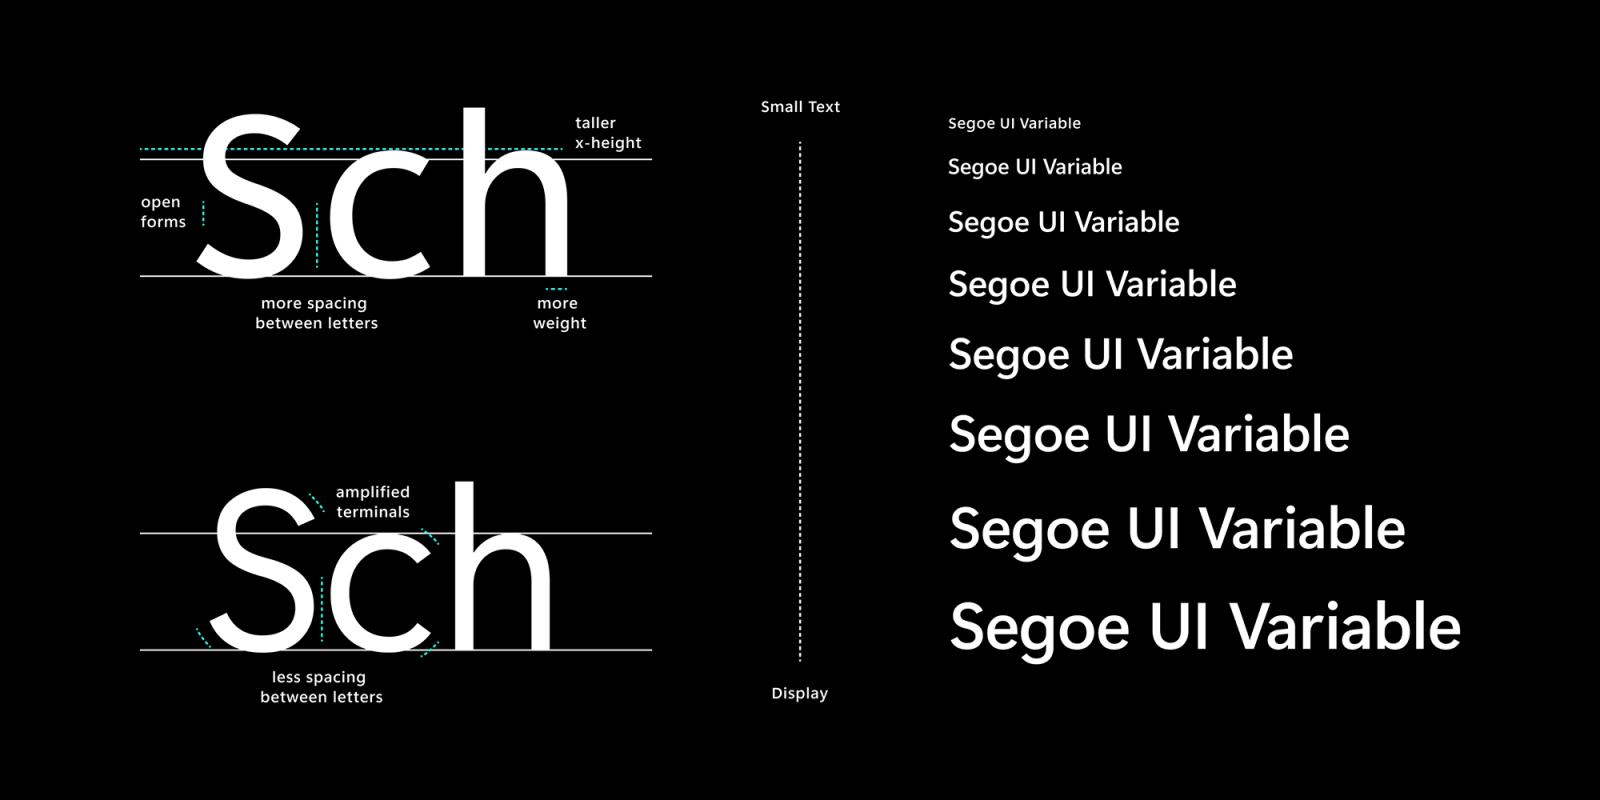 更新了Segoe UI字体家族